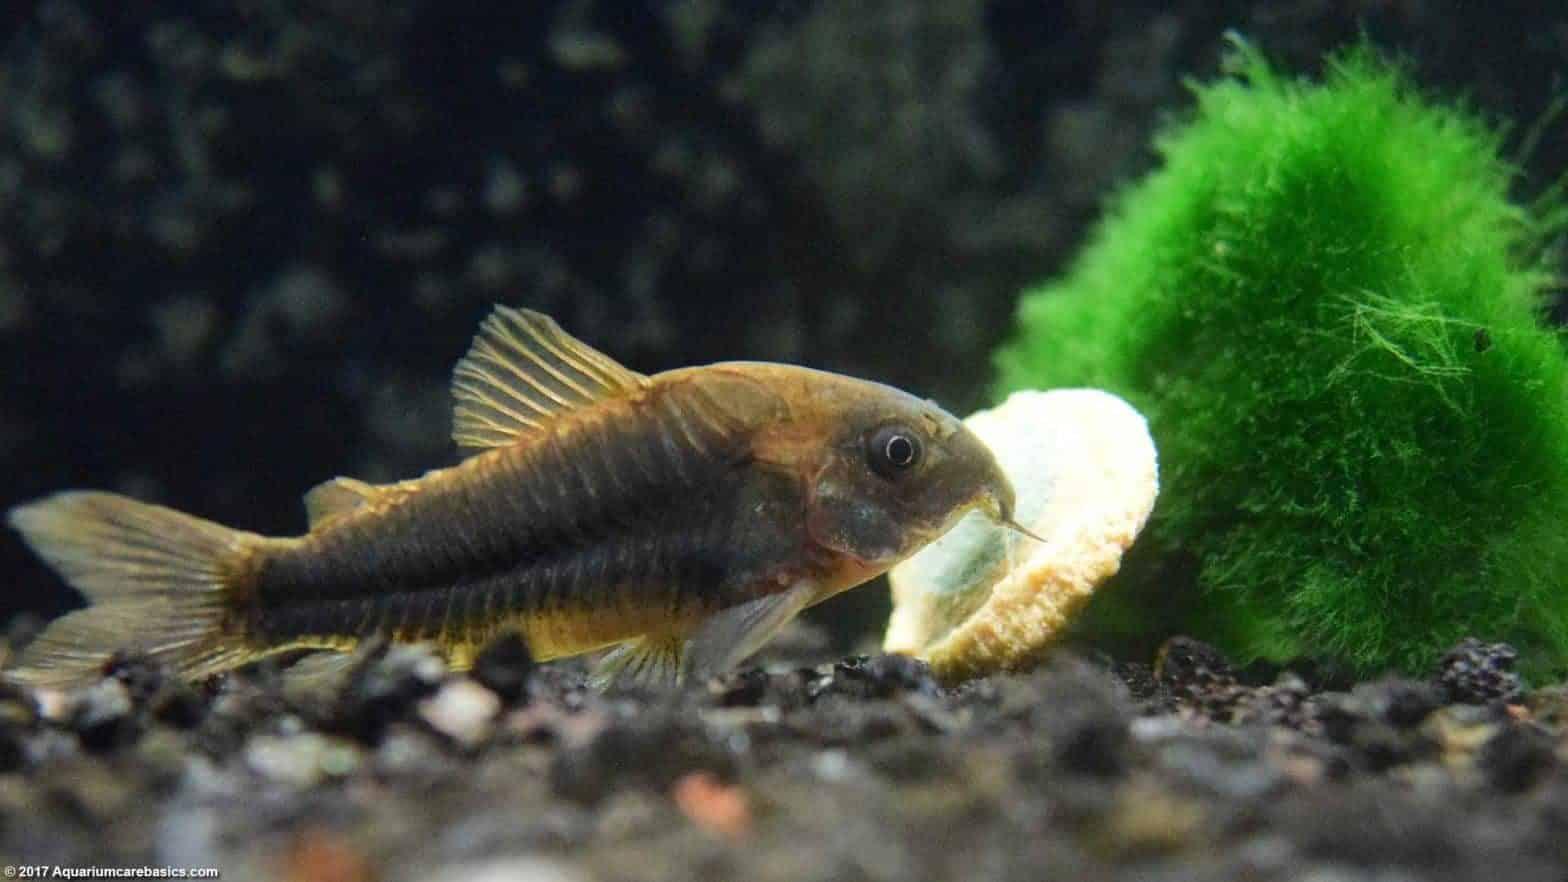 Cory Catfish eating algae.